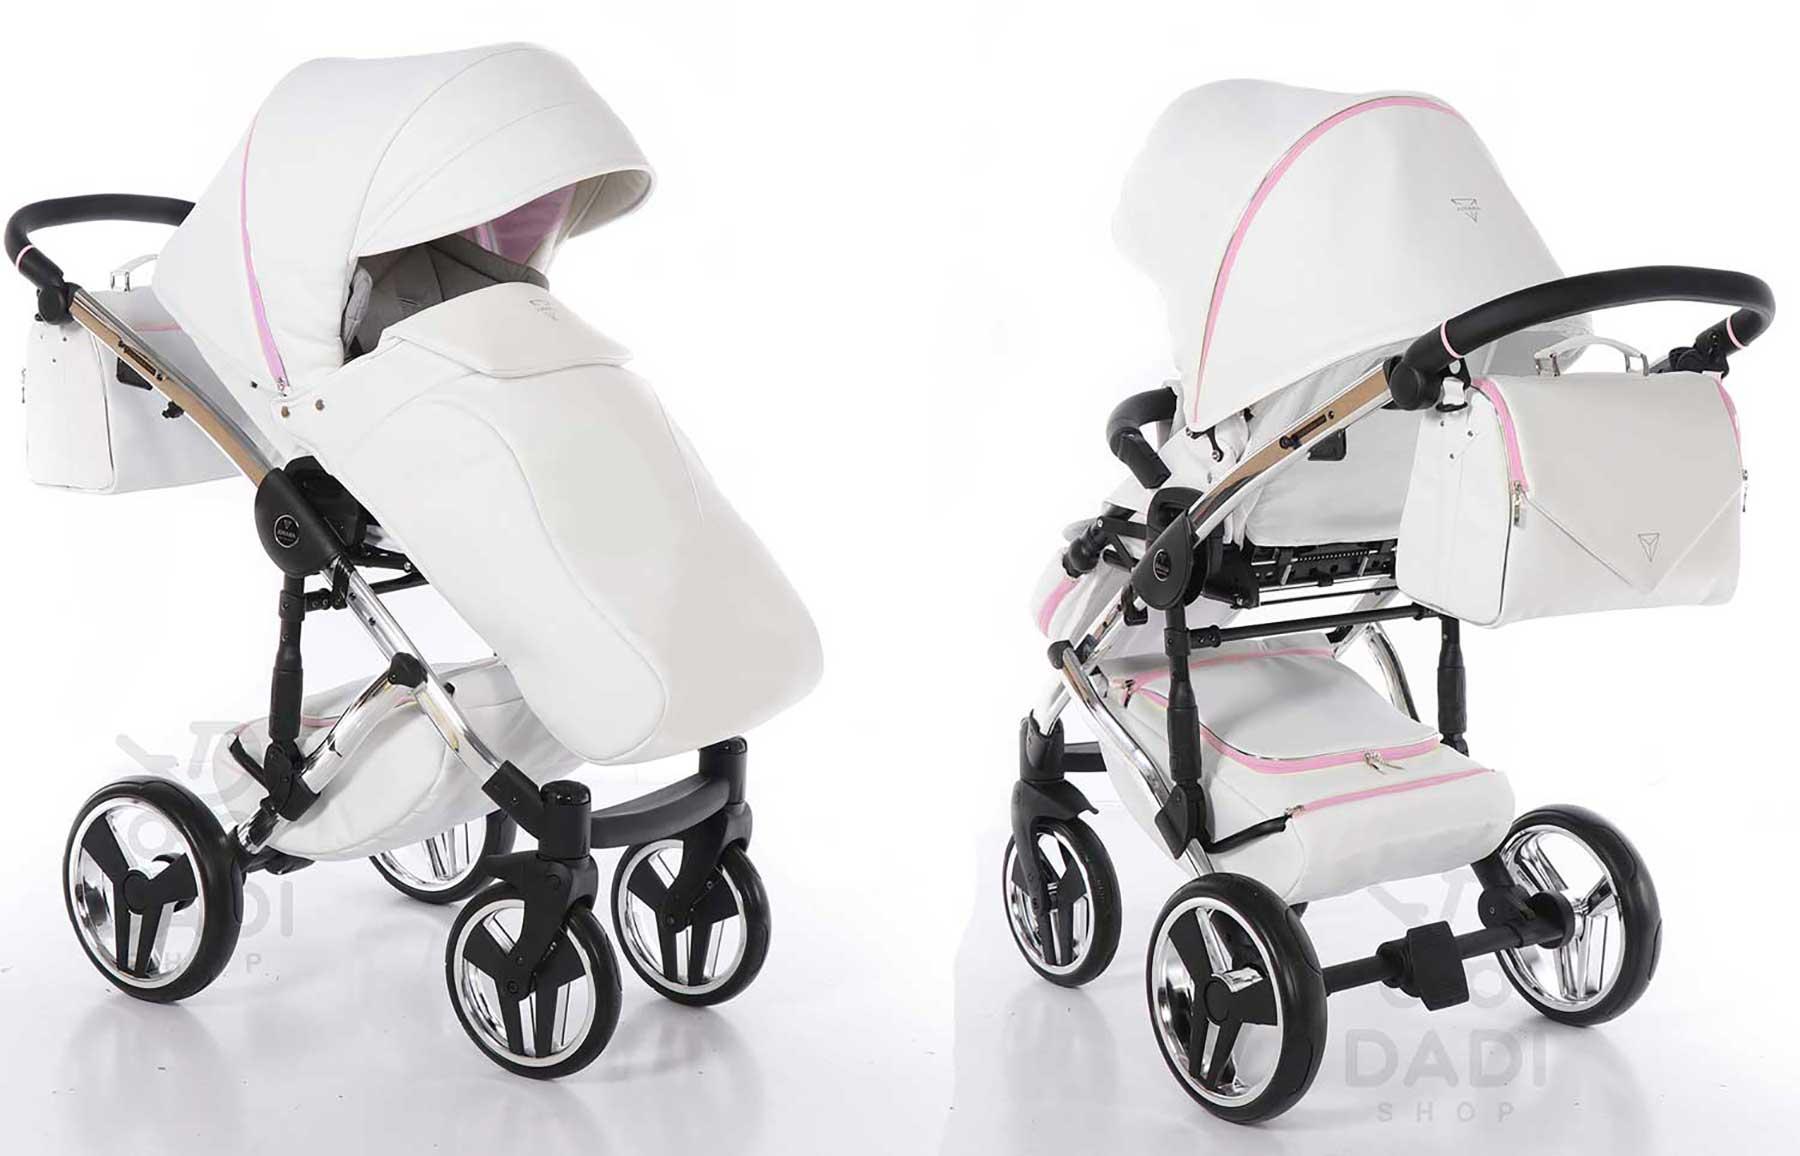 Candy wózek dzieciecy wielofunkcyjny Junama nowoczesny stylowy eco skóra Dadi Shop